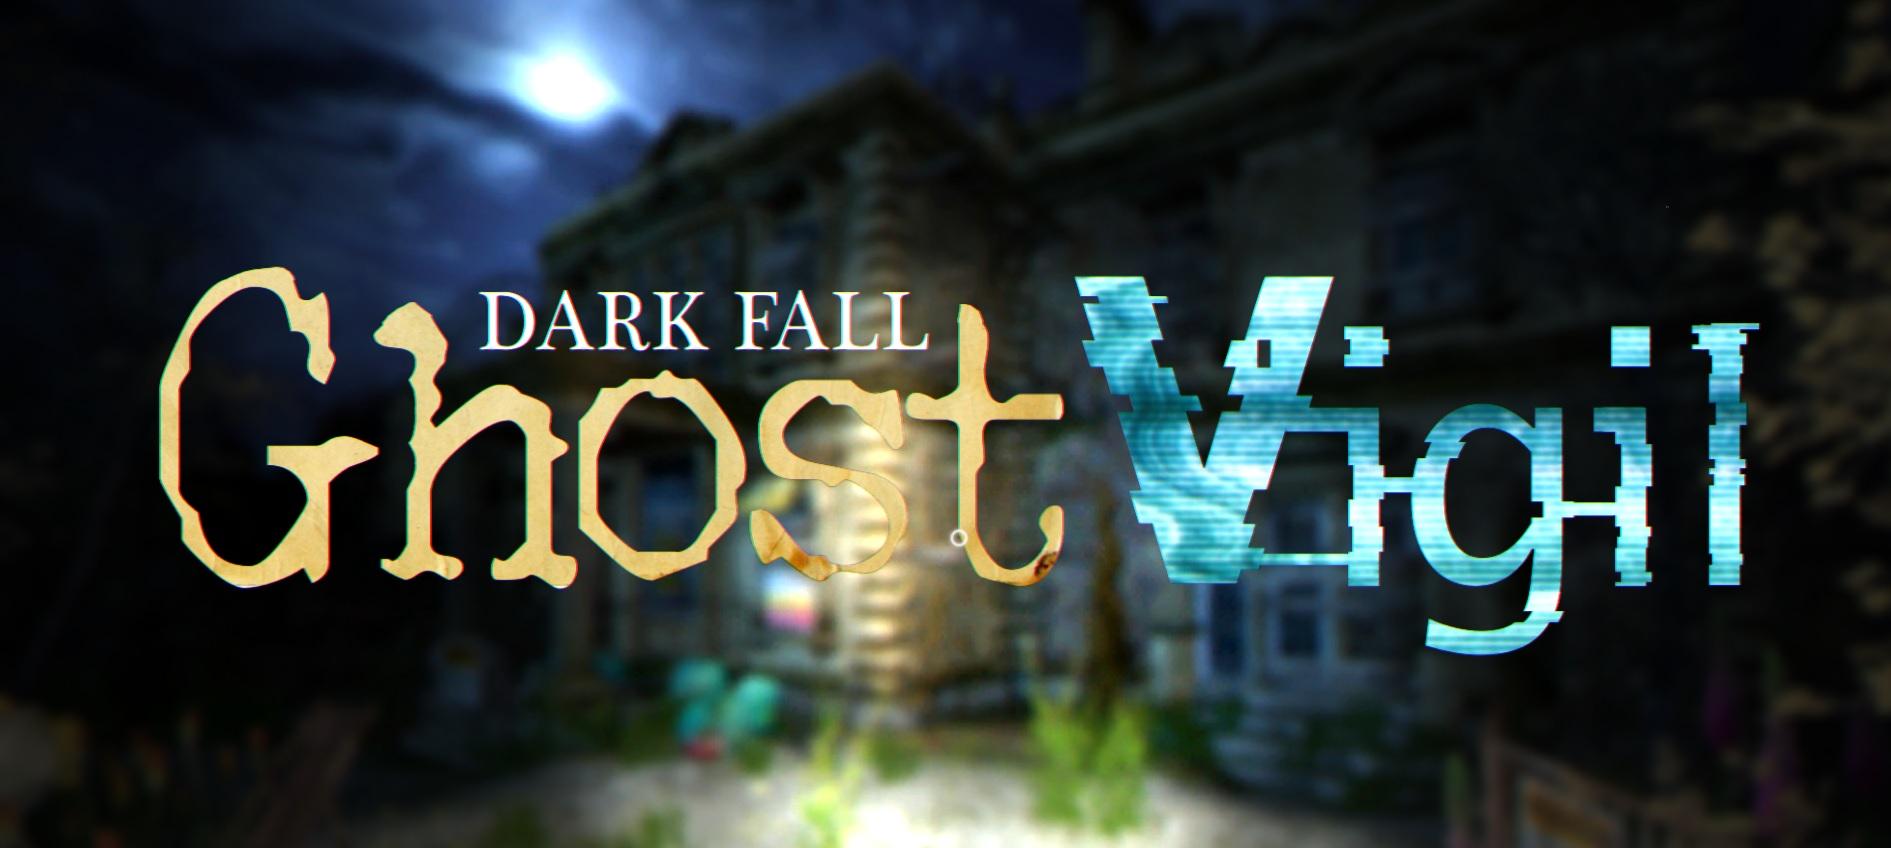 Dark_Fall_Ghost_Vigil_1_r